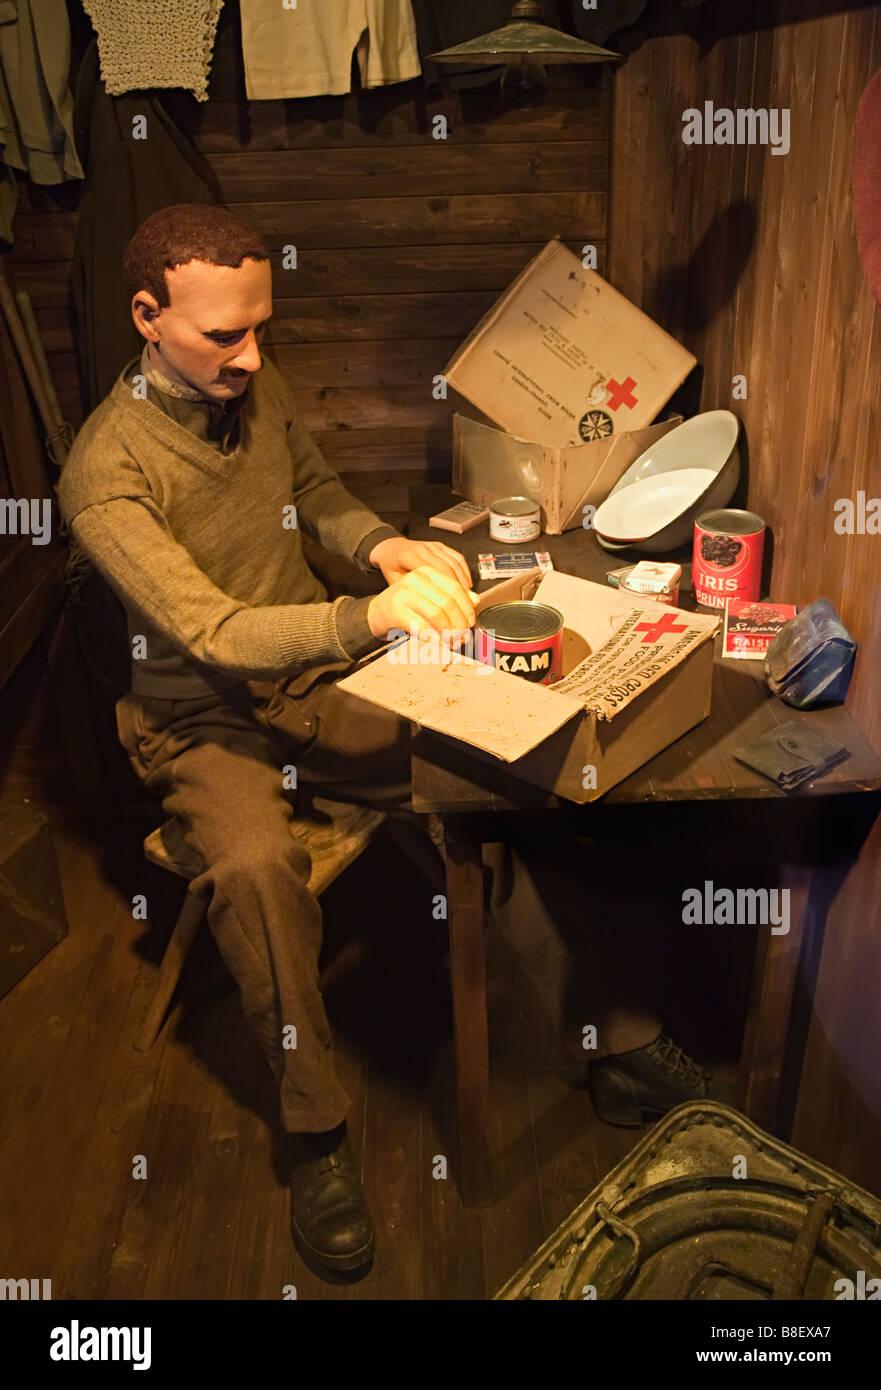 Museum model of Second World War prisoner of war soldier opening a Red Cross food parcel Arnhem Netherlands - Stock Image